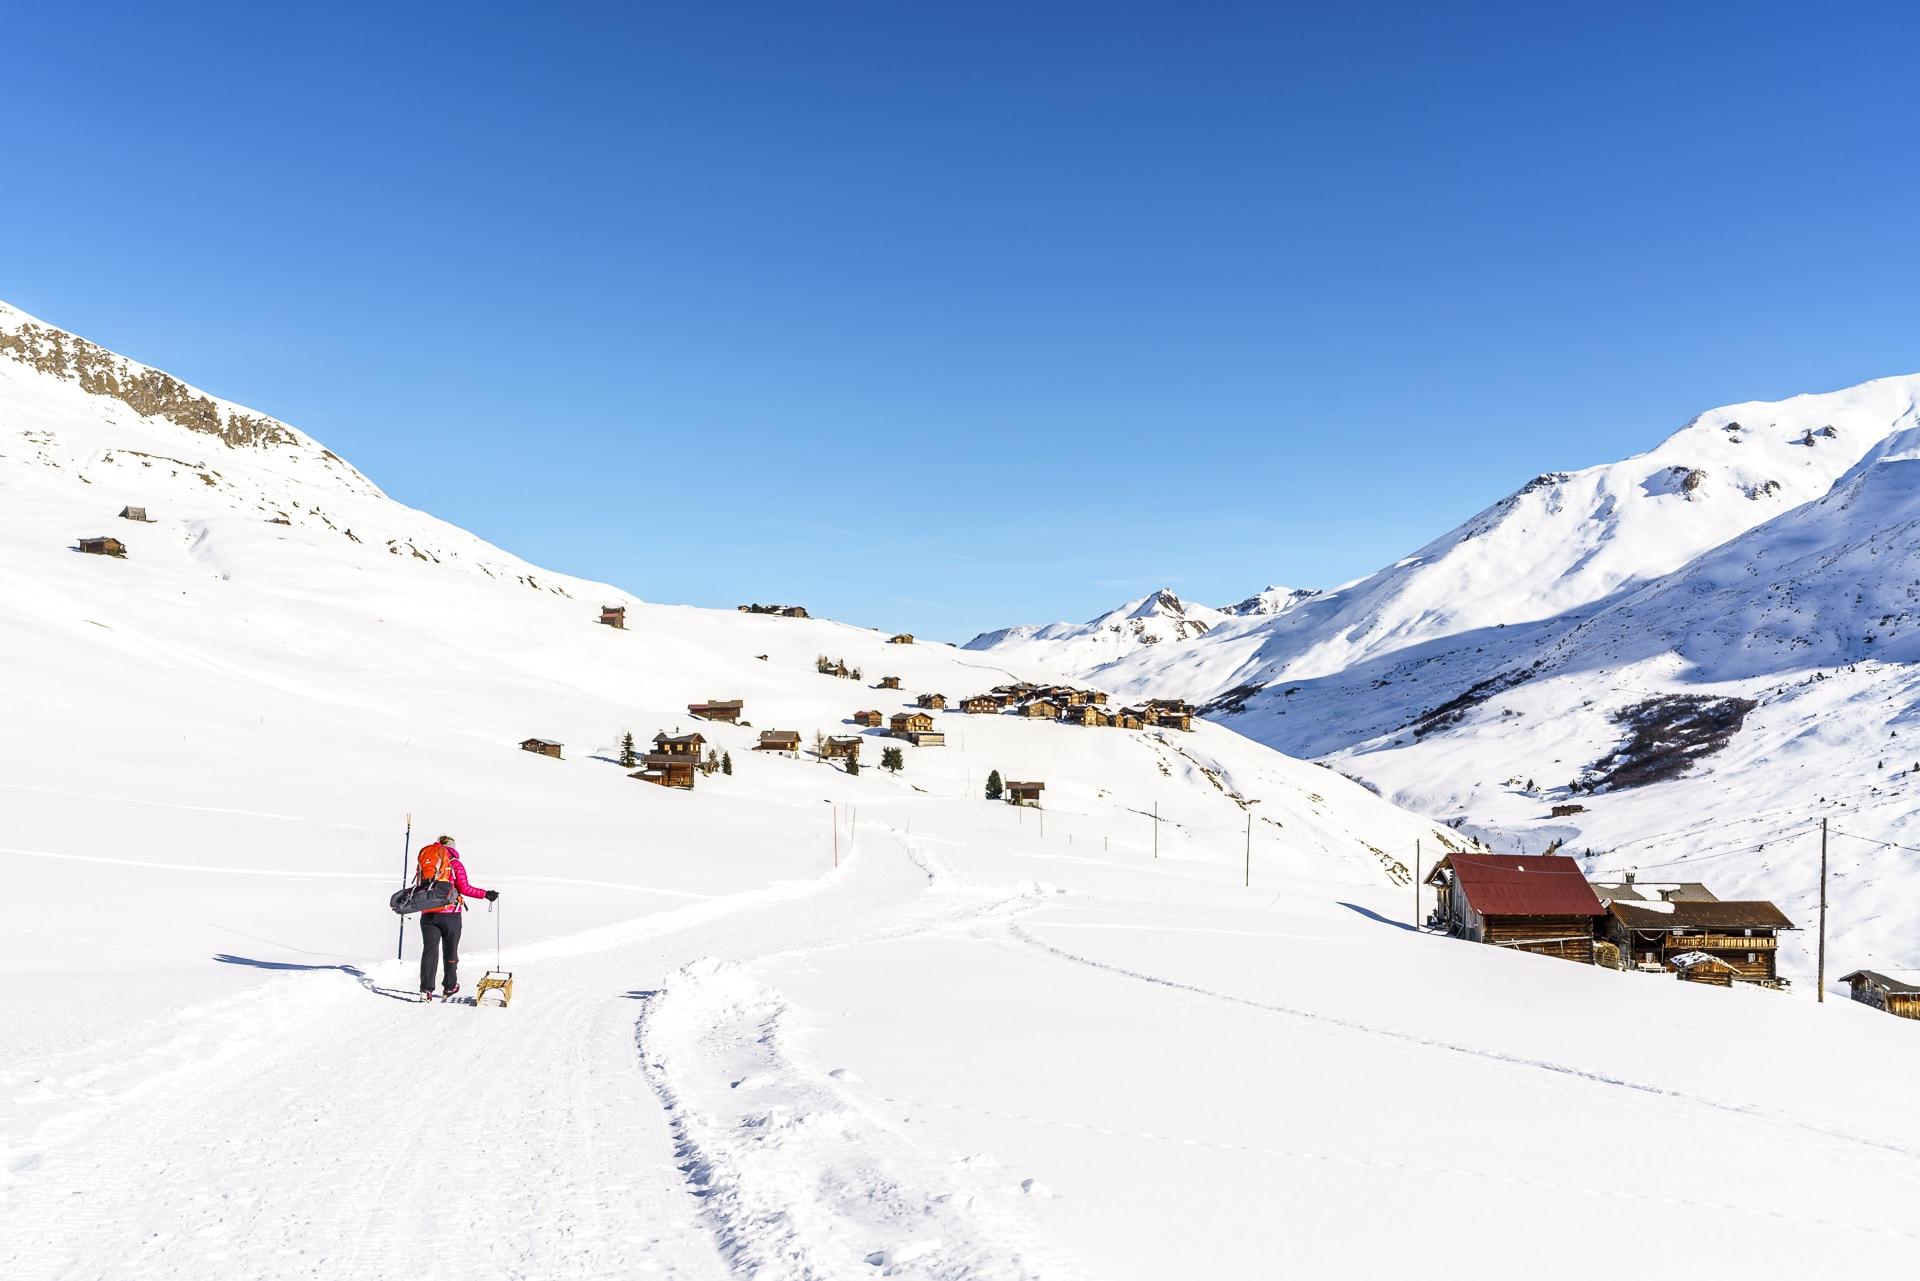 Schneeschuhtour Fondei Schanfigg